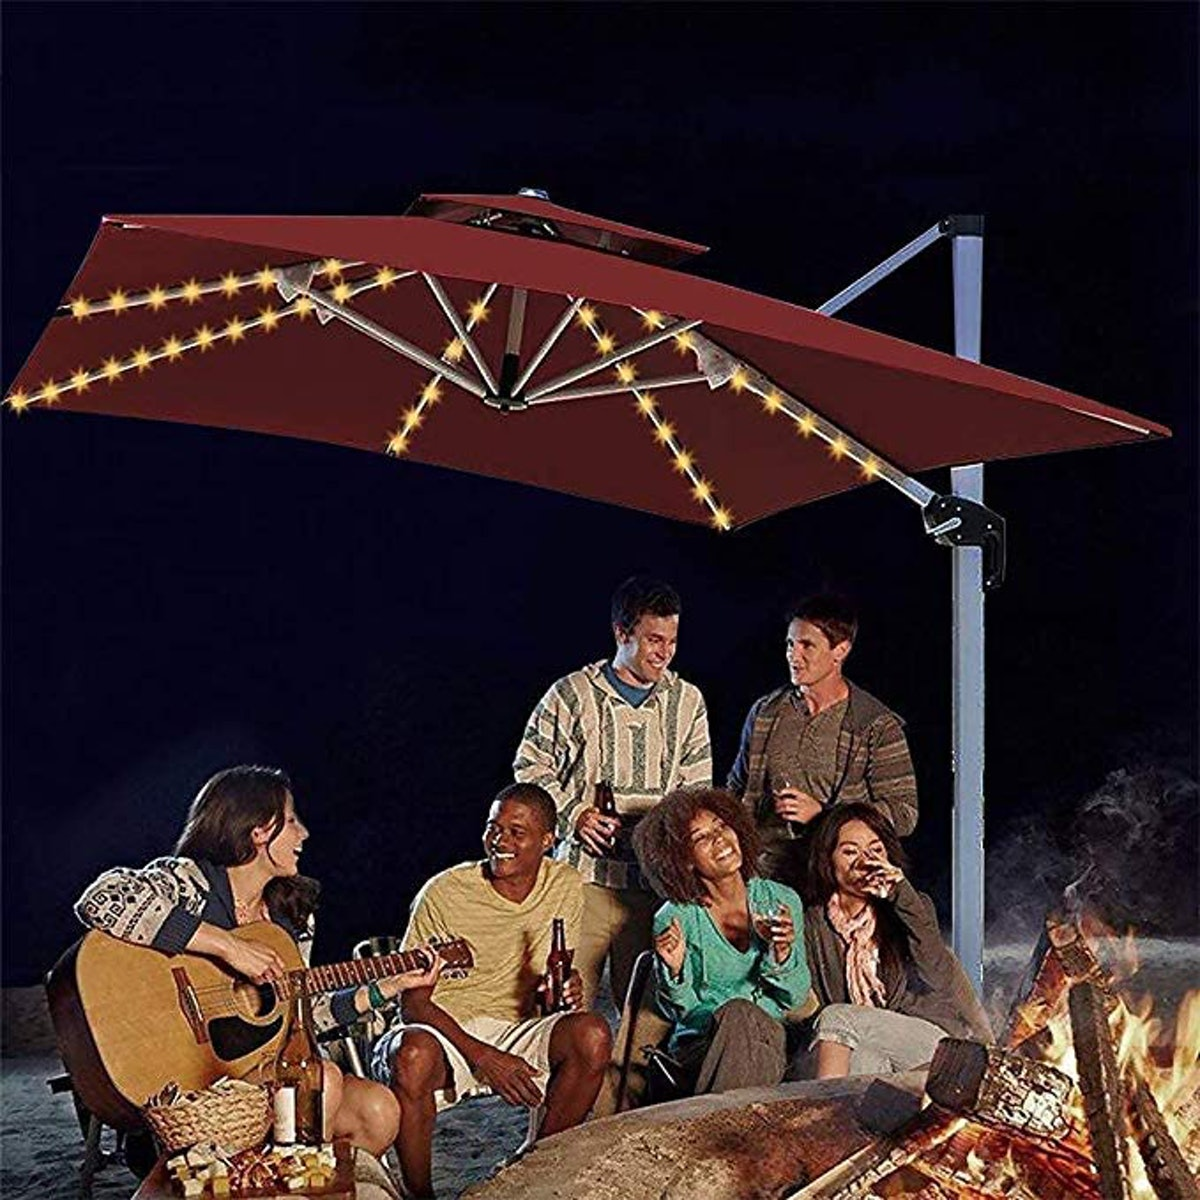 echosari Patio Umbrella Lights